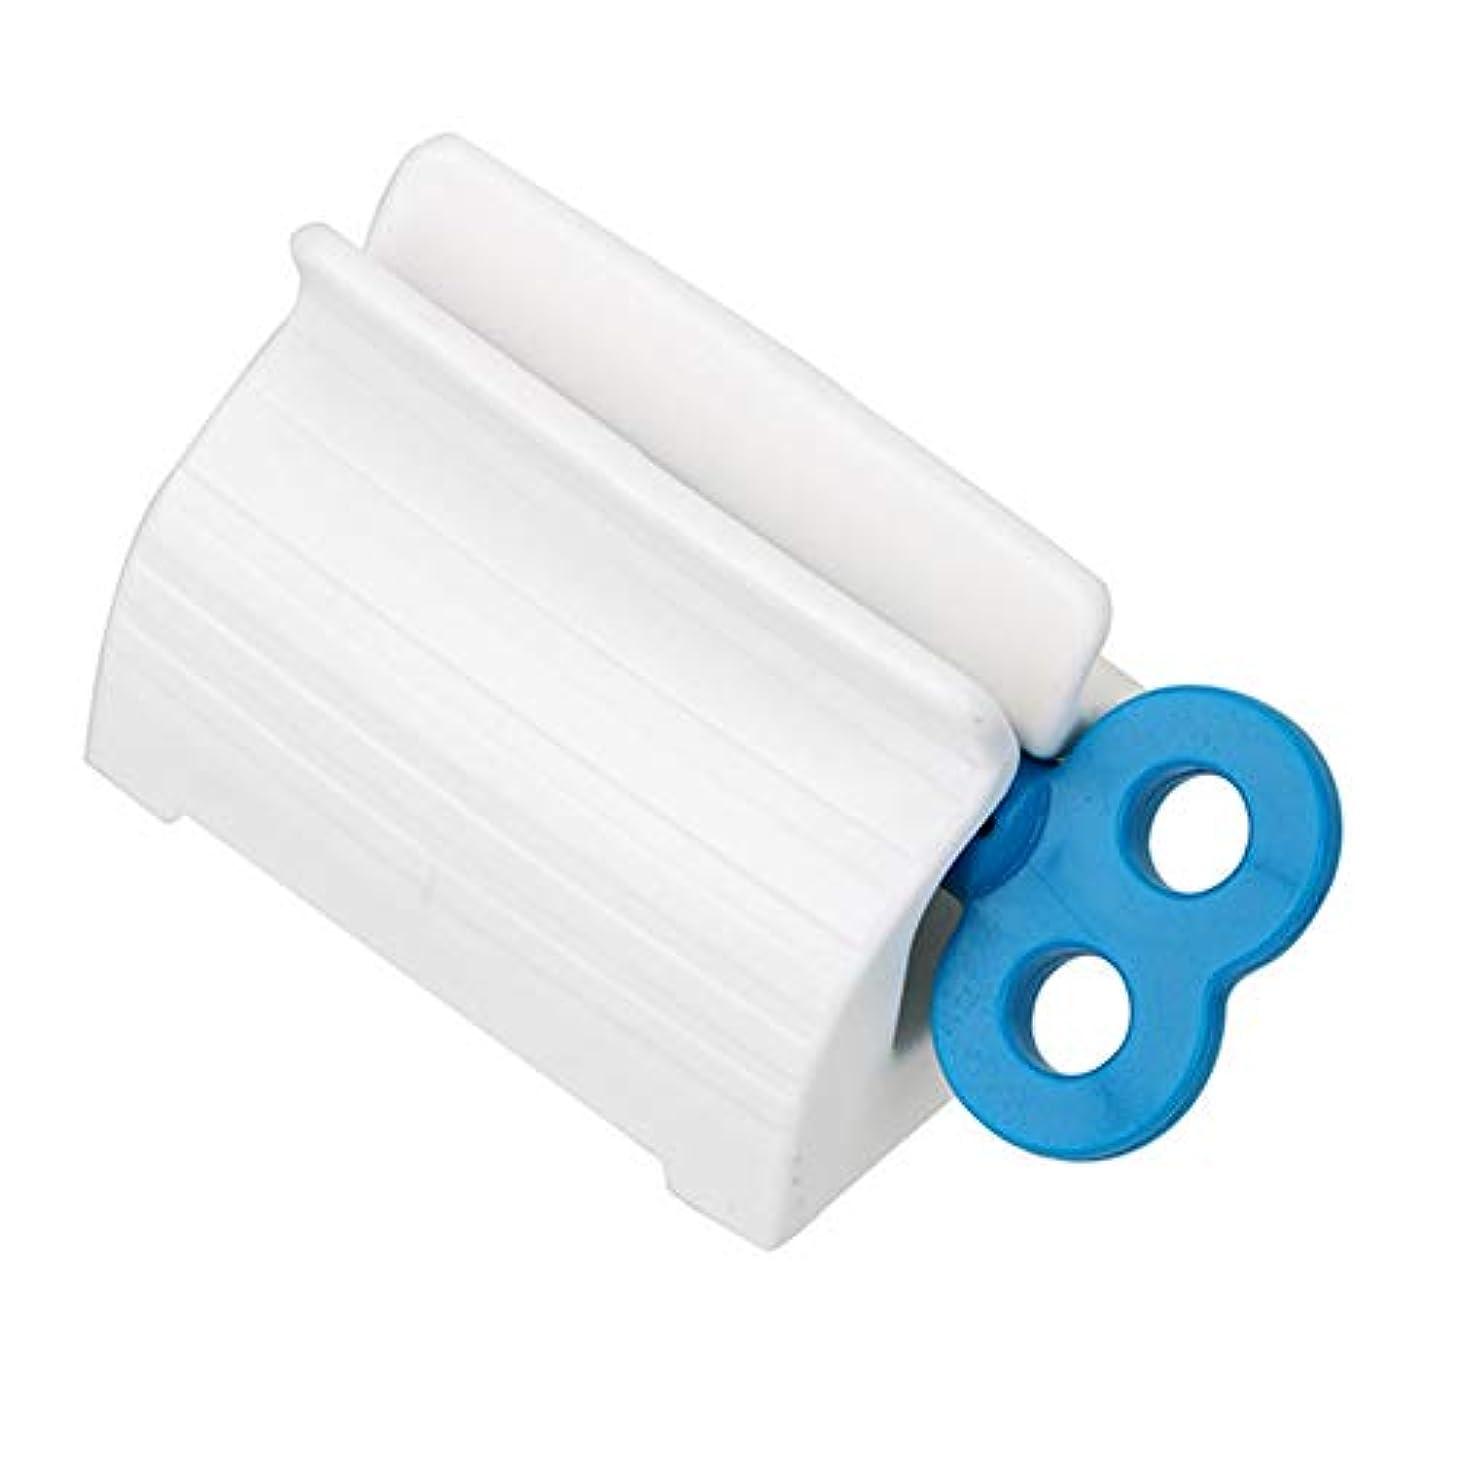 リビングルーム間に付けるローリングチューブ歯磨き粉スクイーザー小説回転ハンドルディスペンサー超便利なセーバー多目的吸盤簡単浴室用プラスチックスタンドホルダー